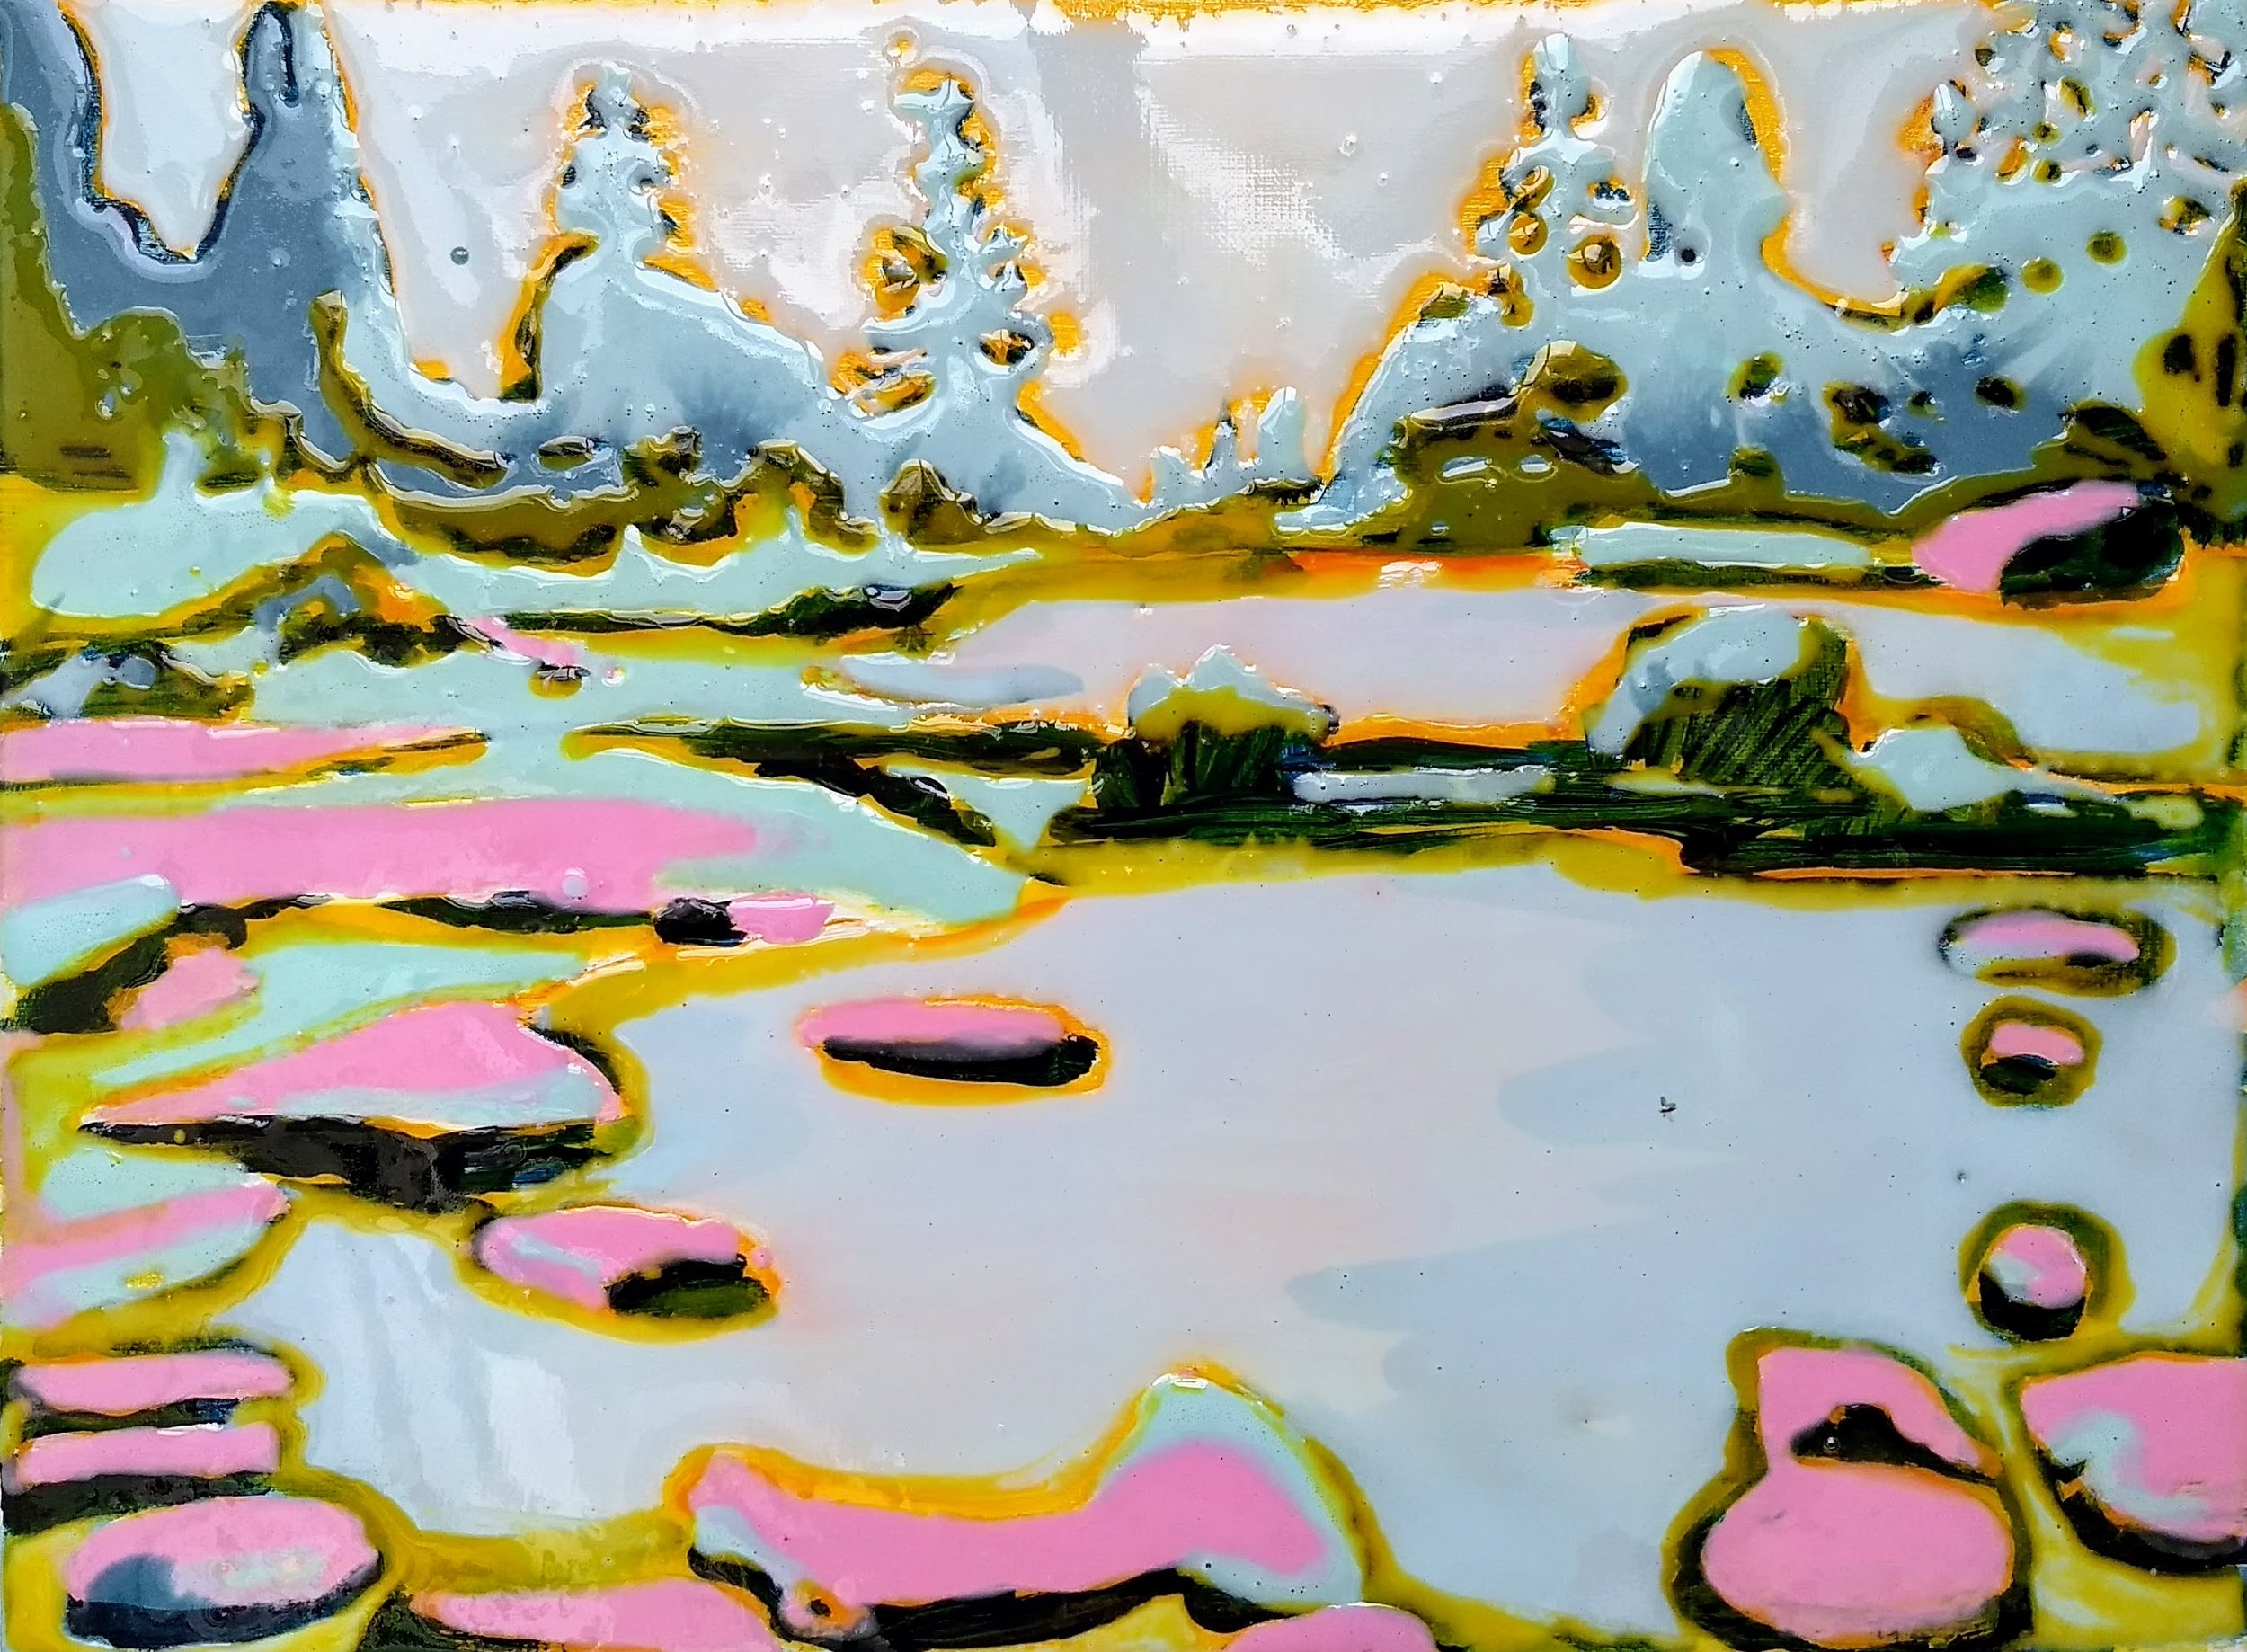 湖泊·美国   布面丙烯酸及环氧树脂 30 x 40 cm